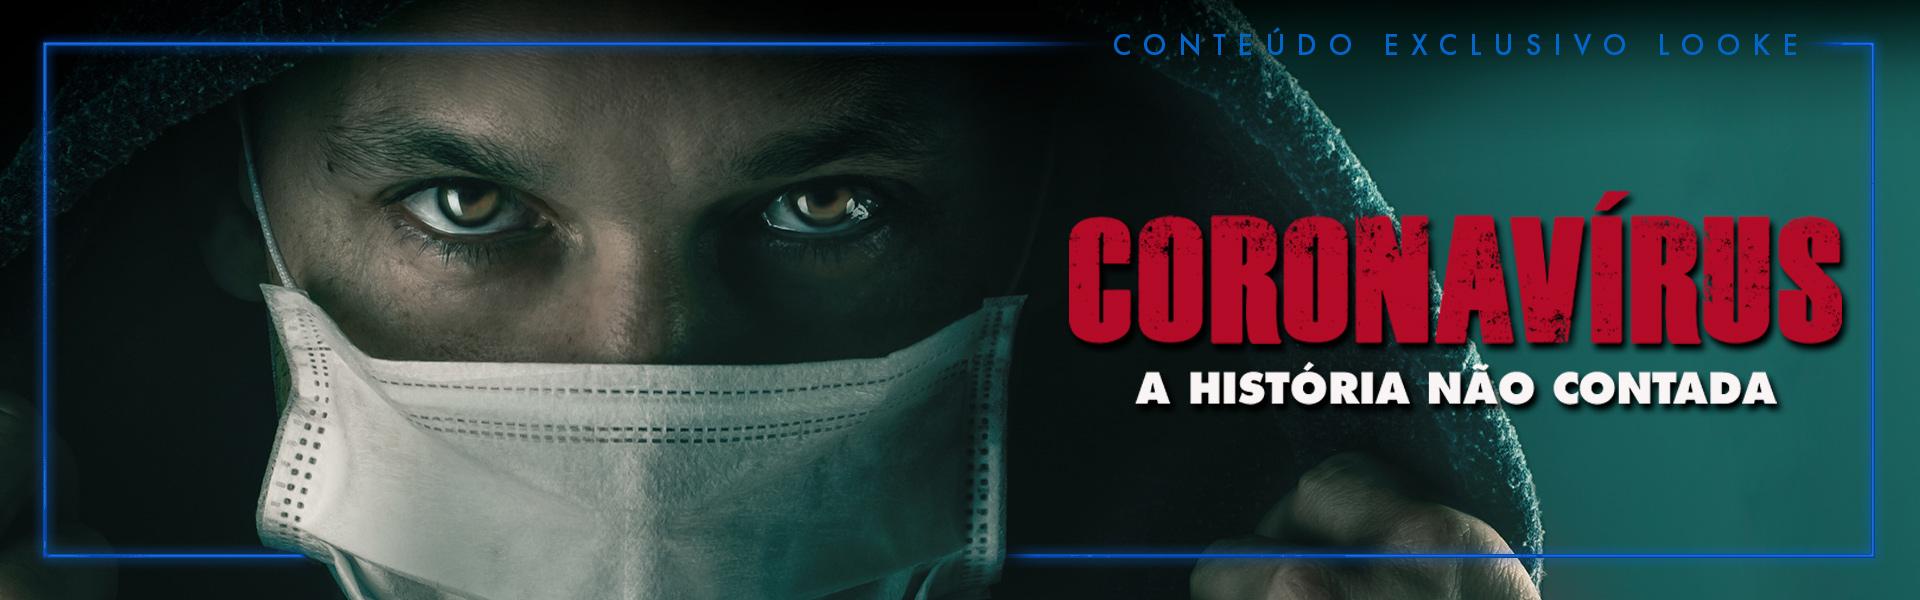 Coronavírus: A História Não Contada